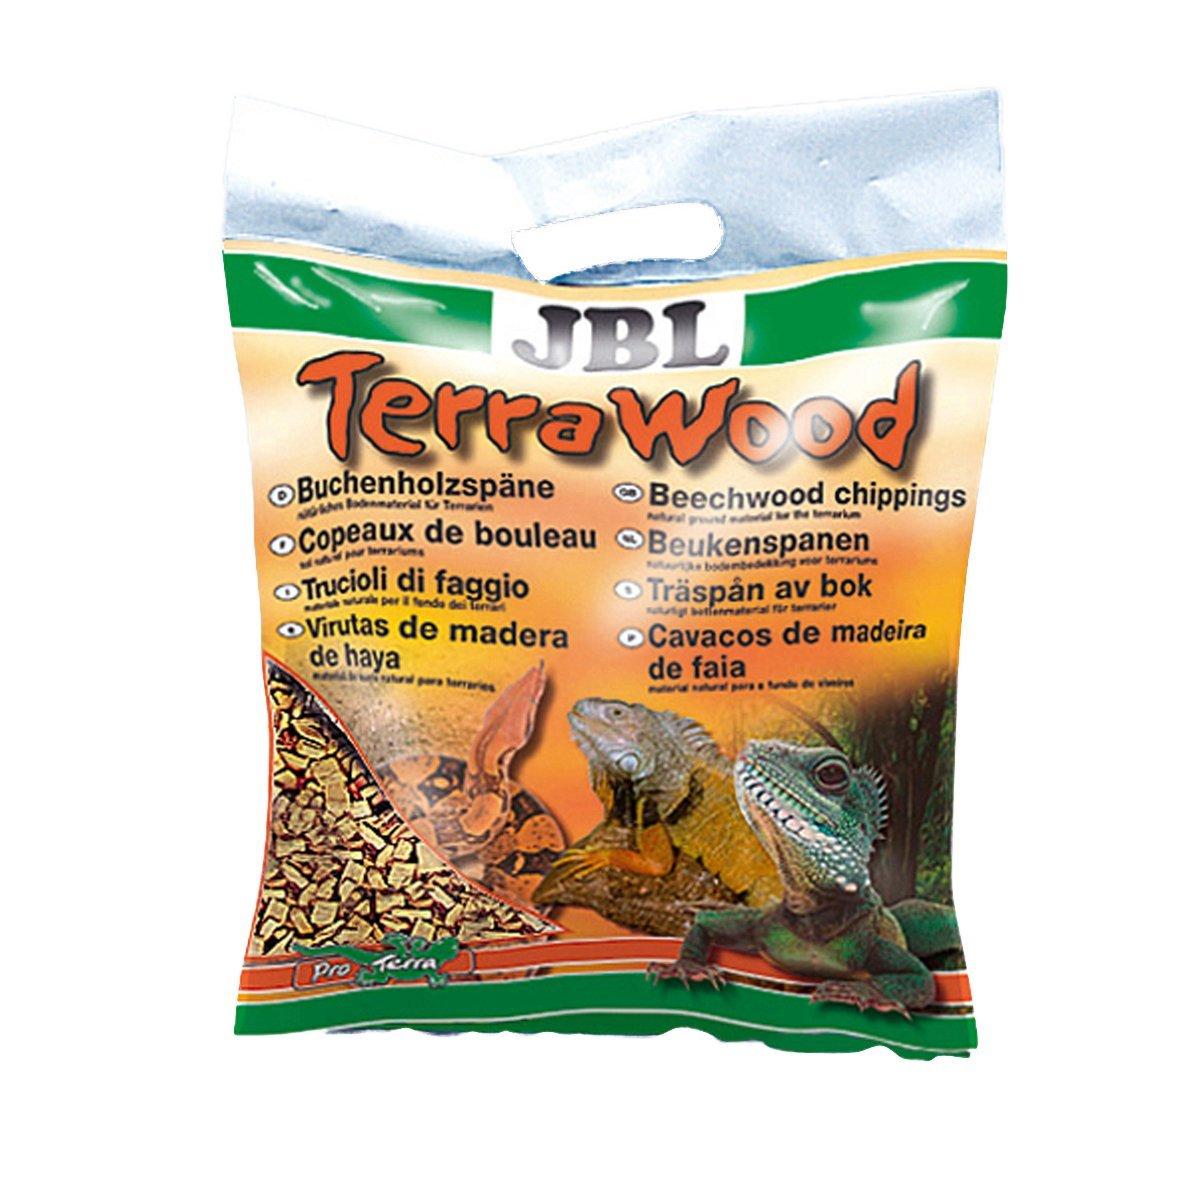 JBL TerraWood 5l, Substrat de sol pour terrariums arides et semi-arides 7101600